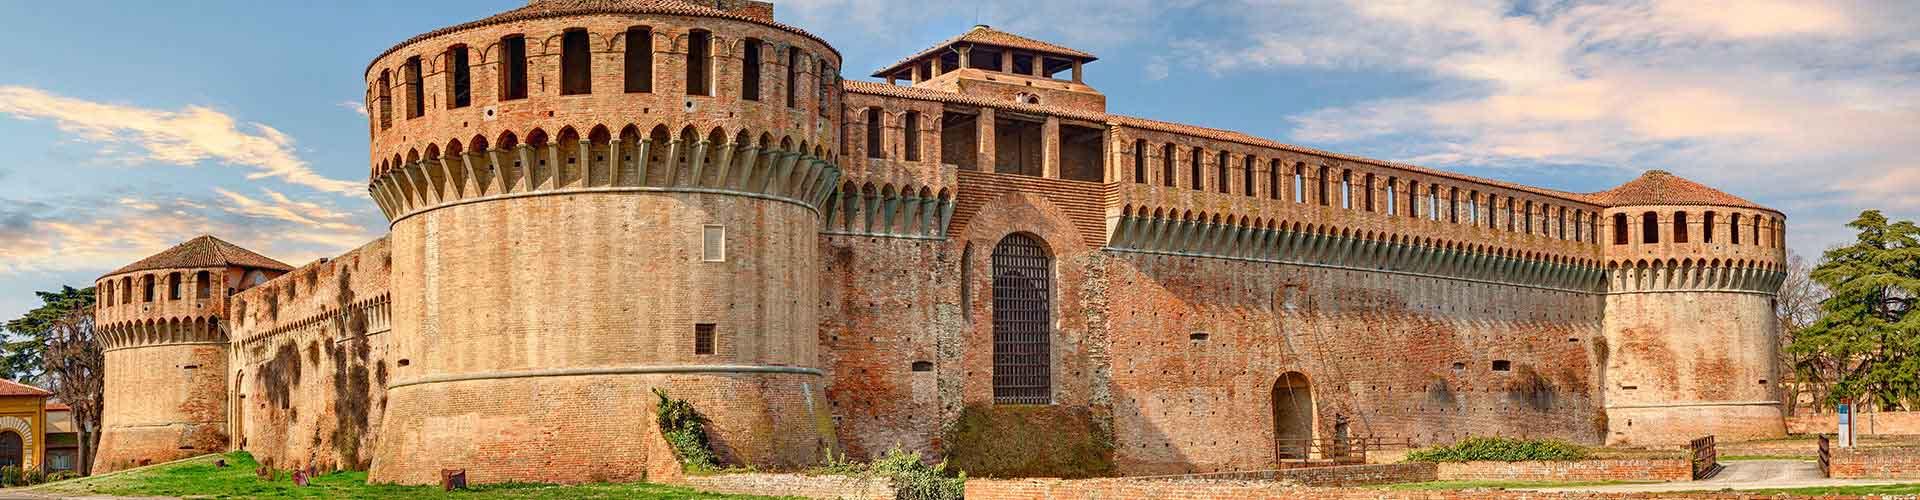 Bolonia - Hostele w mieście: Bolonia, Mapy: Bolonia, Zdjęcia i Recenzje dla każdego hostelu w mieście Bolonia.